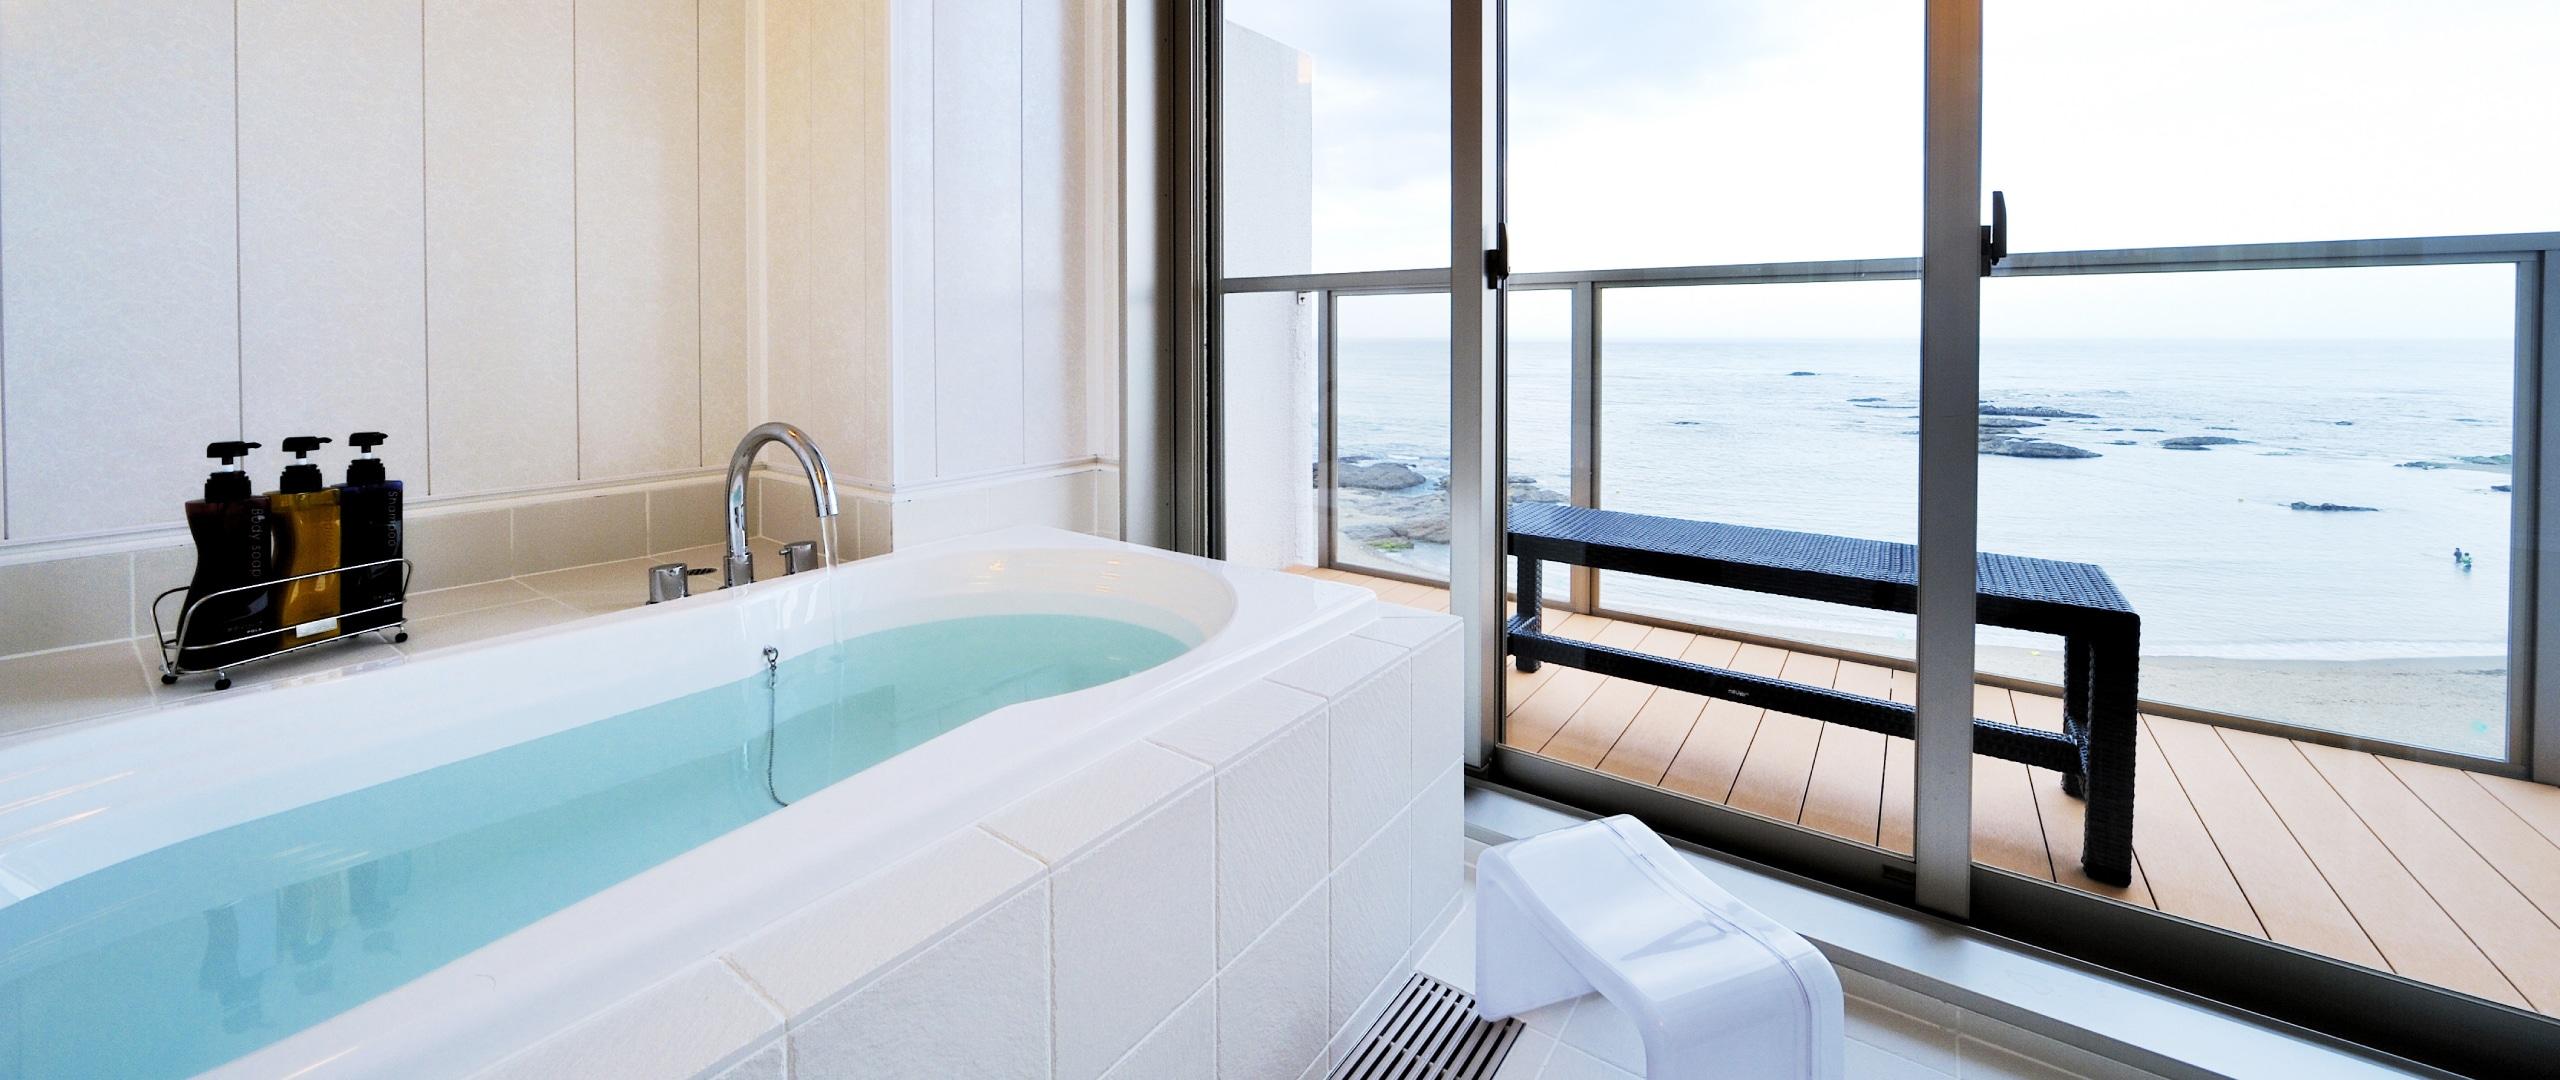 清潔感の白の浴室